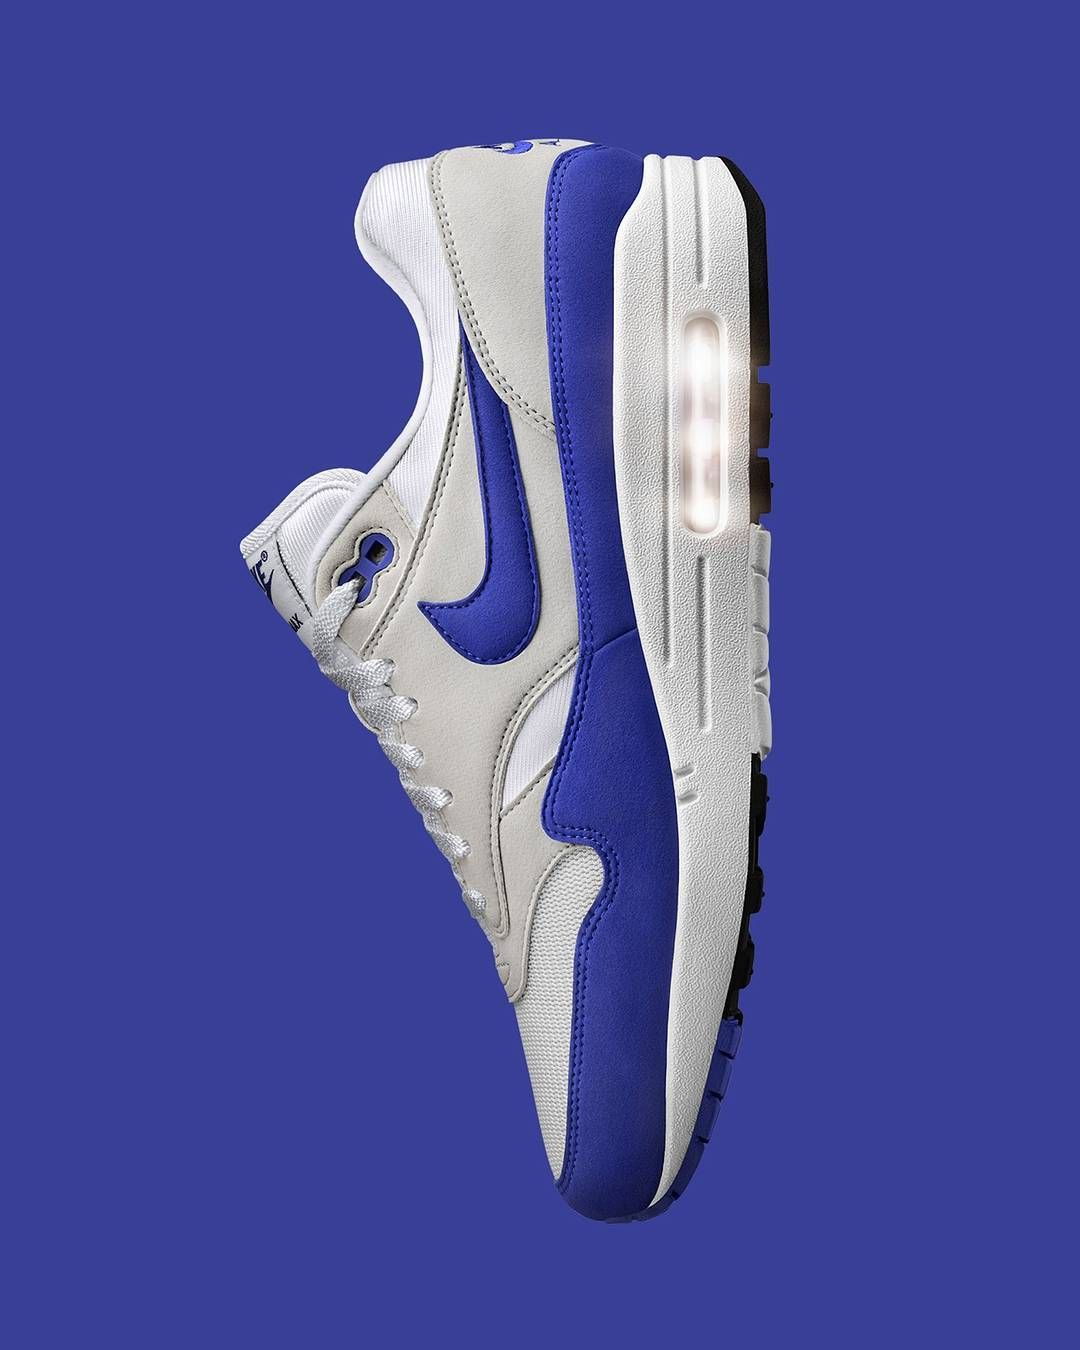 Nike Air Max 90 'WhiteMidnight Fog Lush Teal' Now